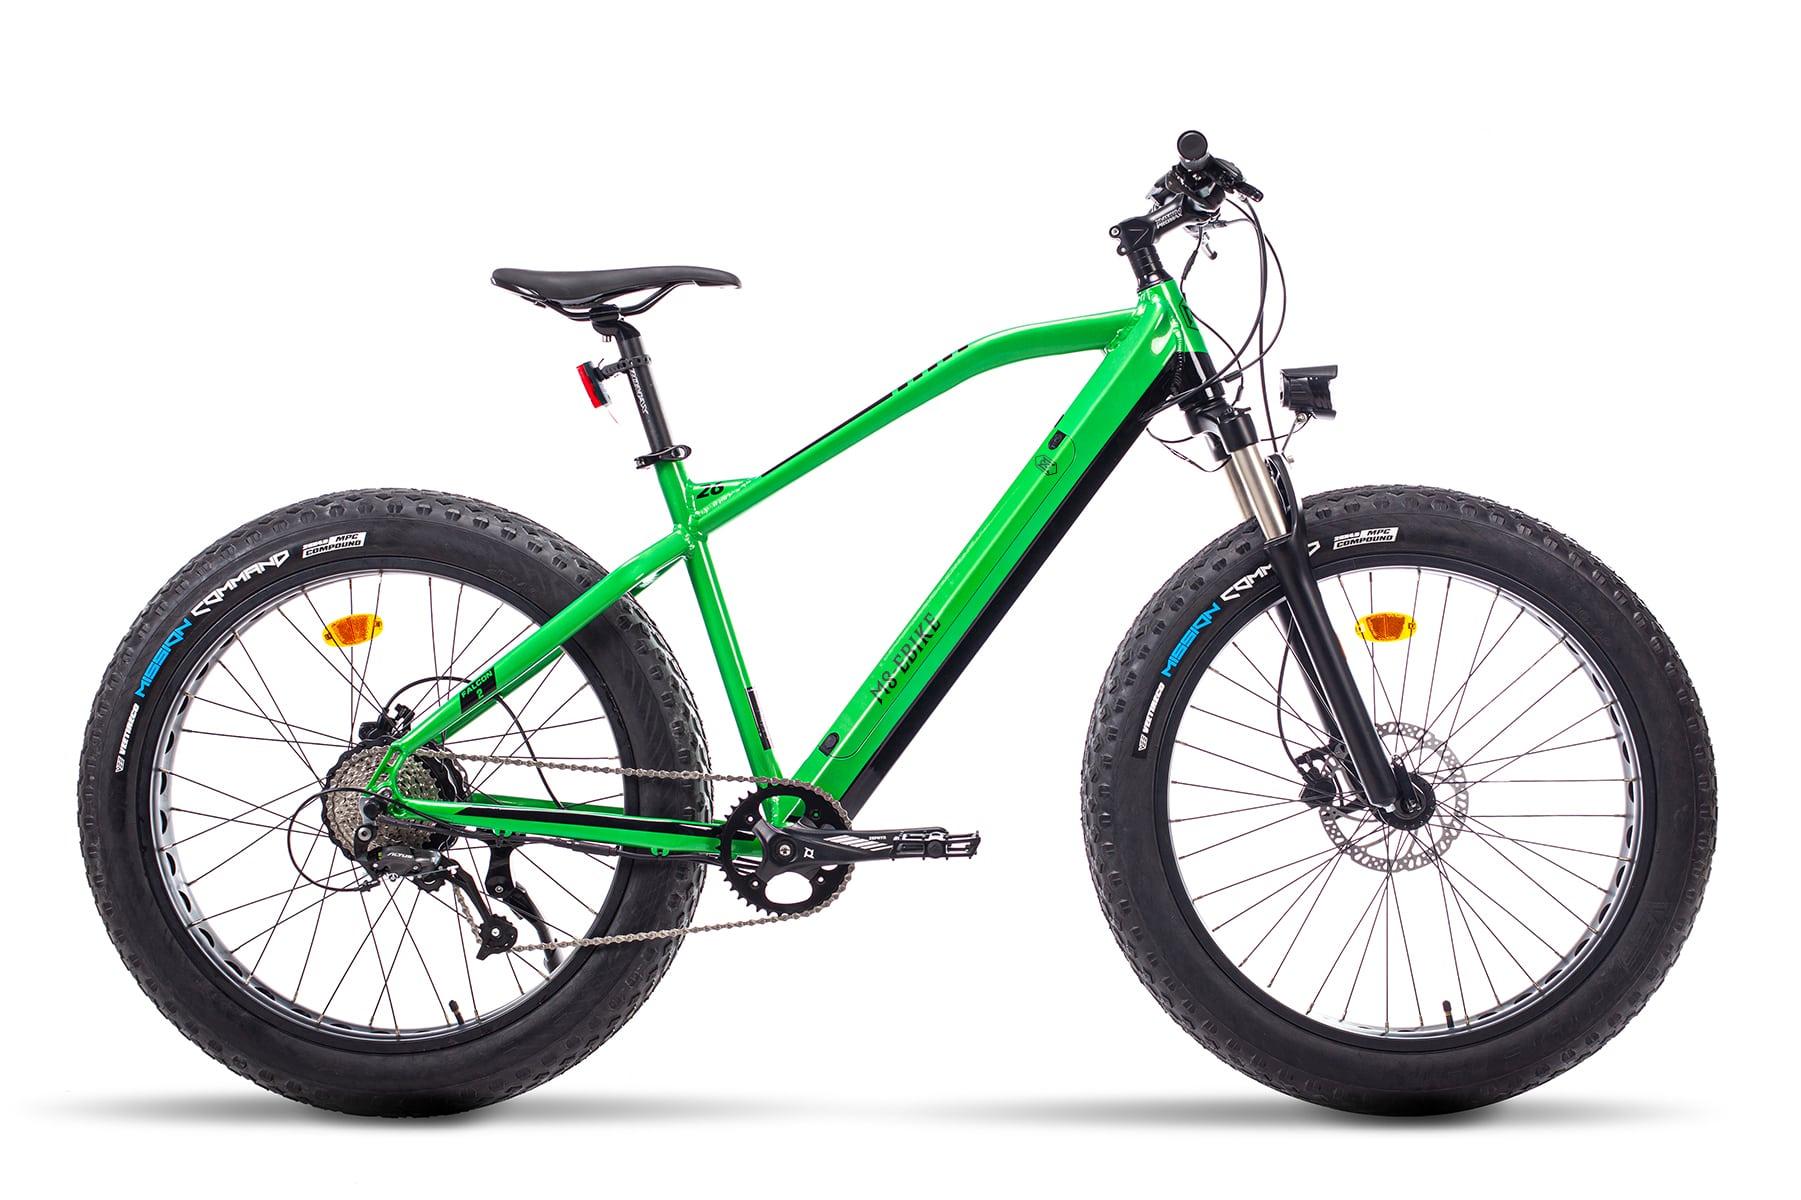 E Fatbike Mountainbike Falcon Gruen